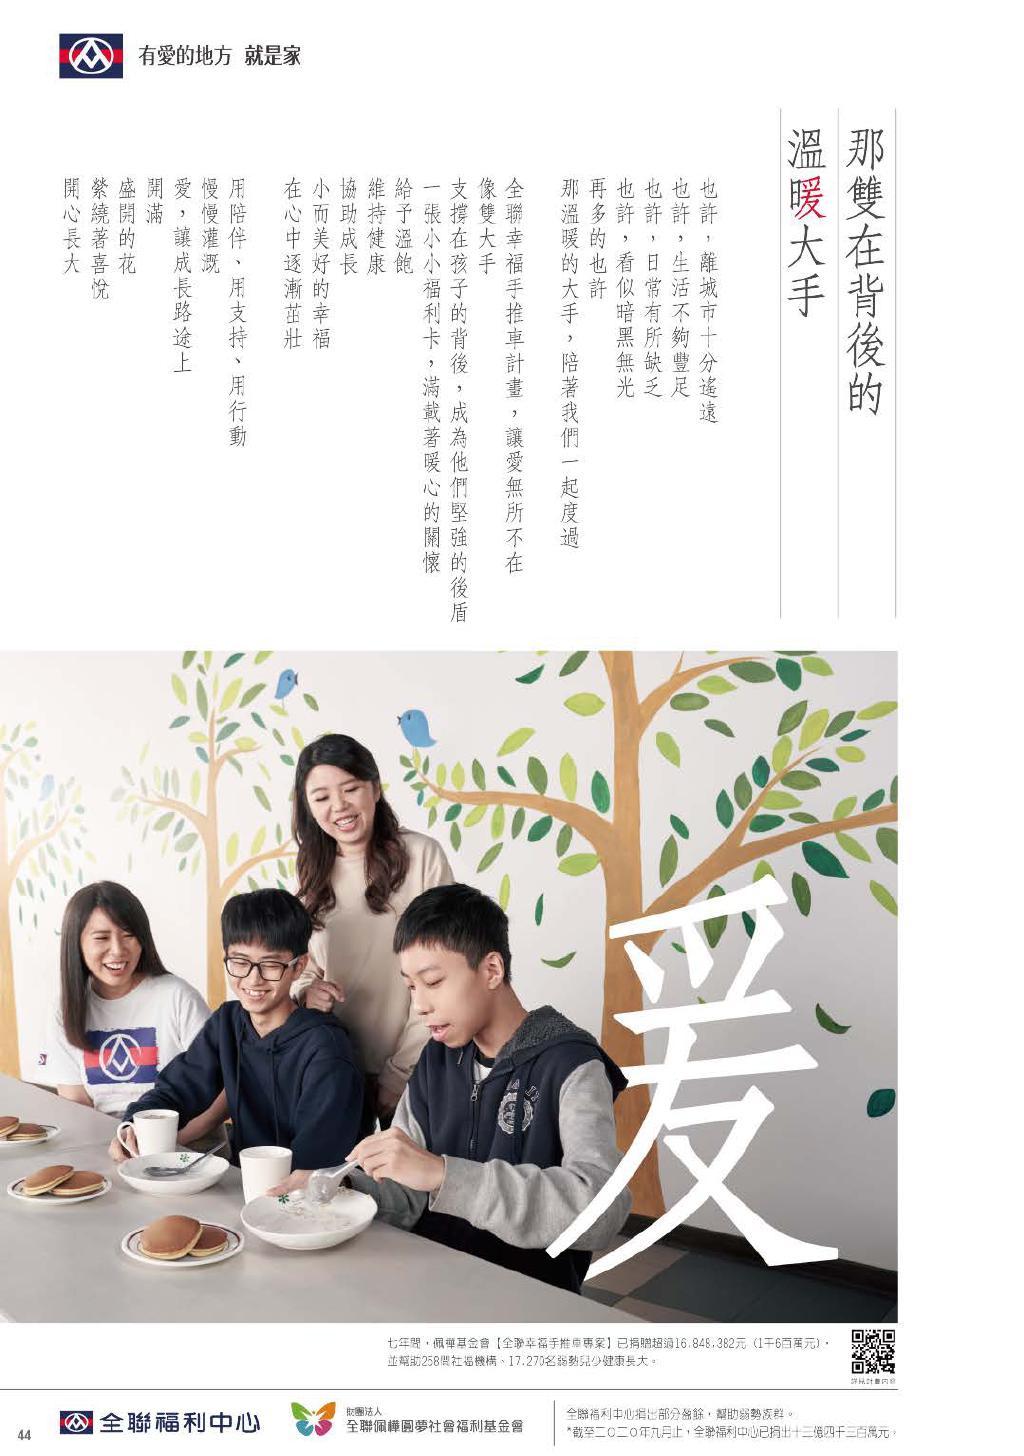 pxmart20201119_000044.jpg